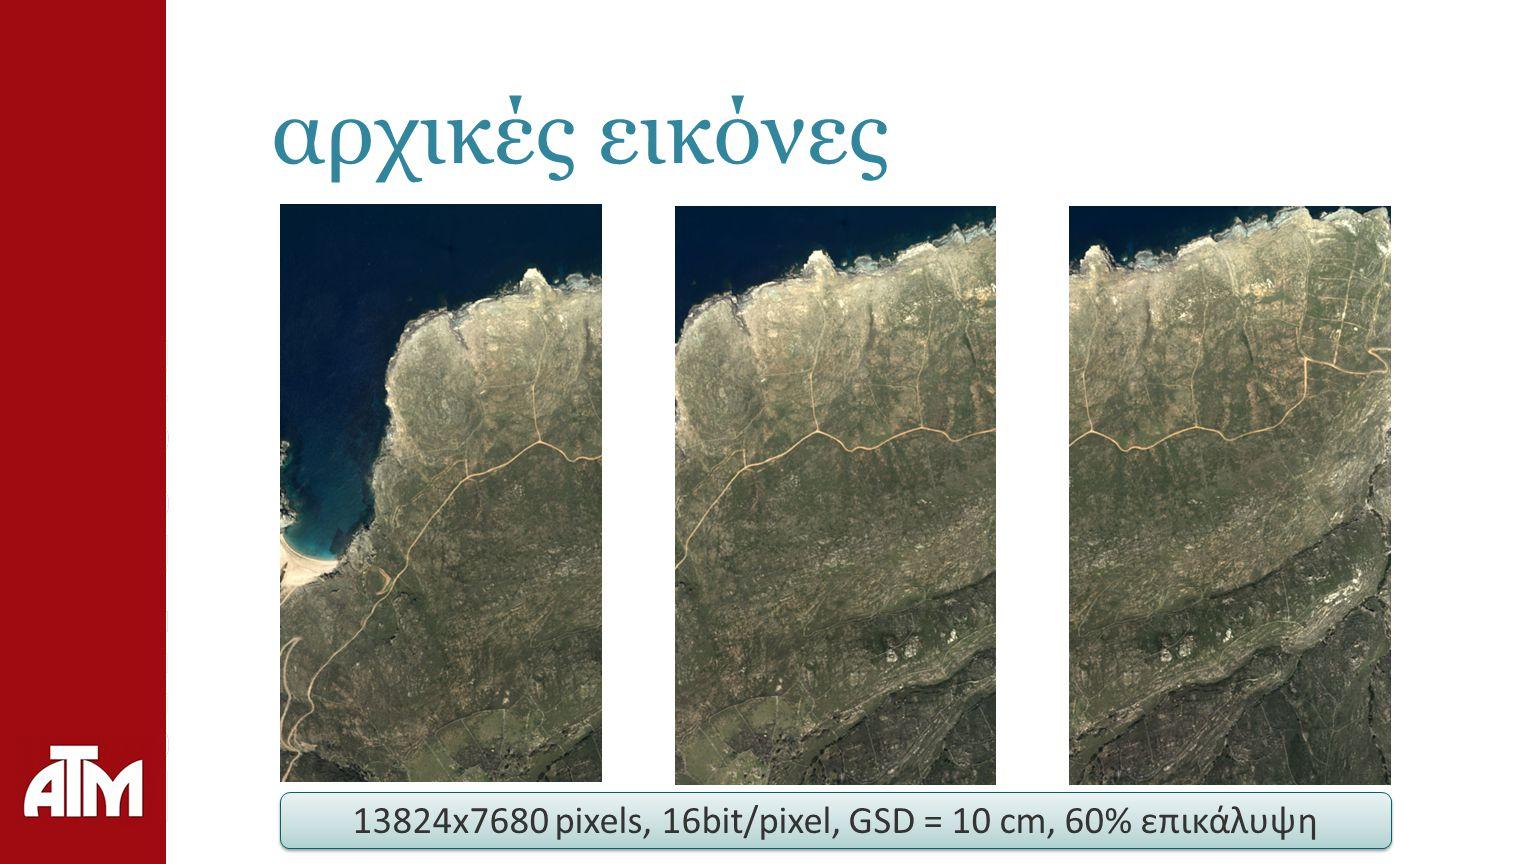 αρχικές εικόνες 13824x7680 pixels, 16bit/pixel, GSD = 10 cm, 60% επικάλυψη